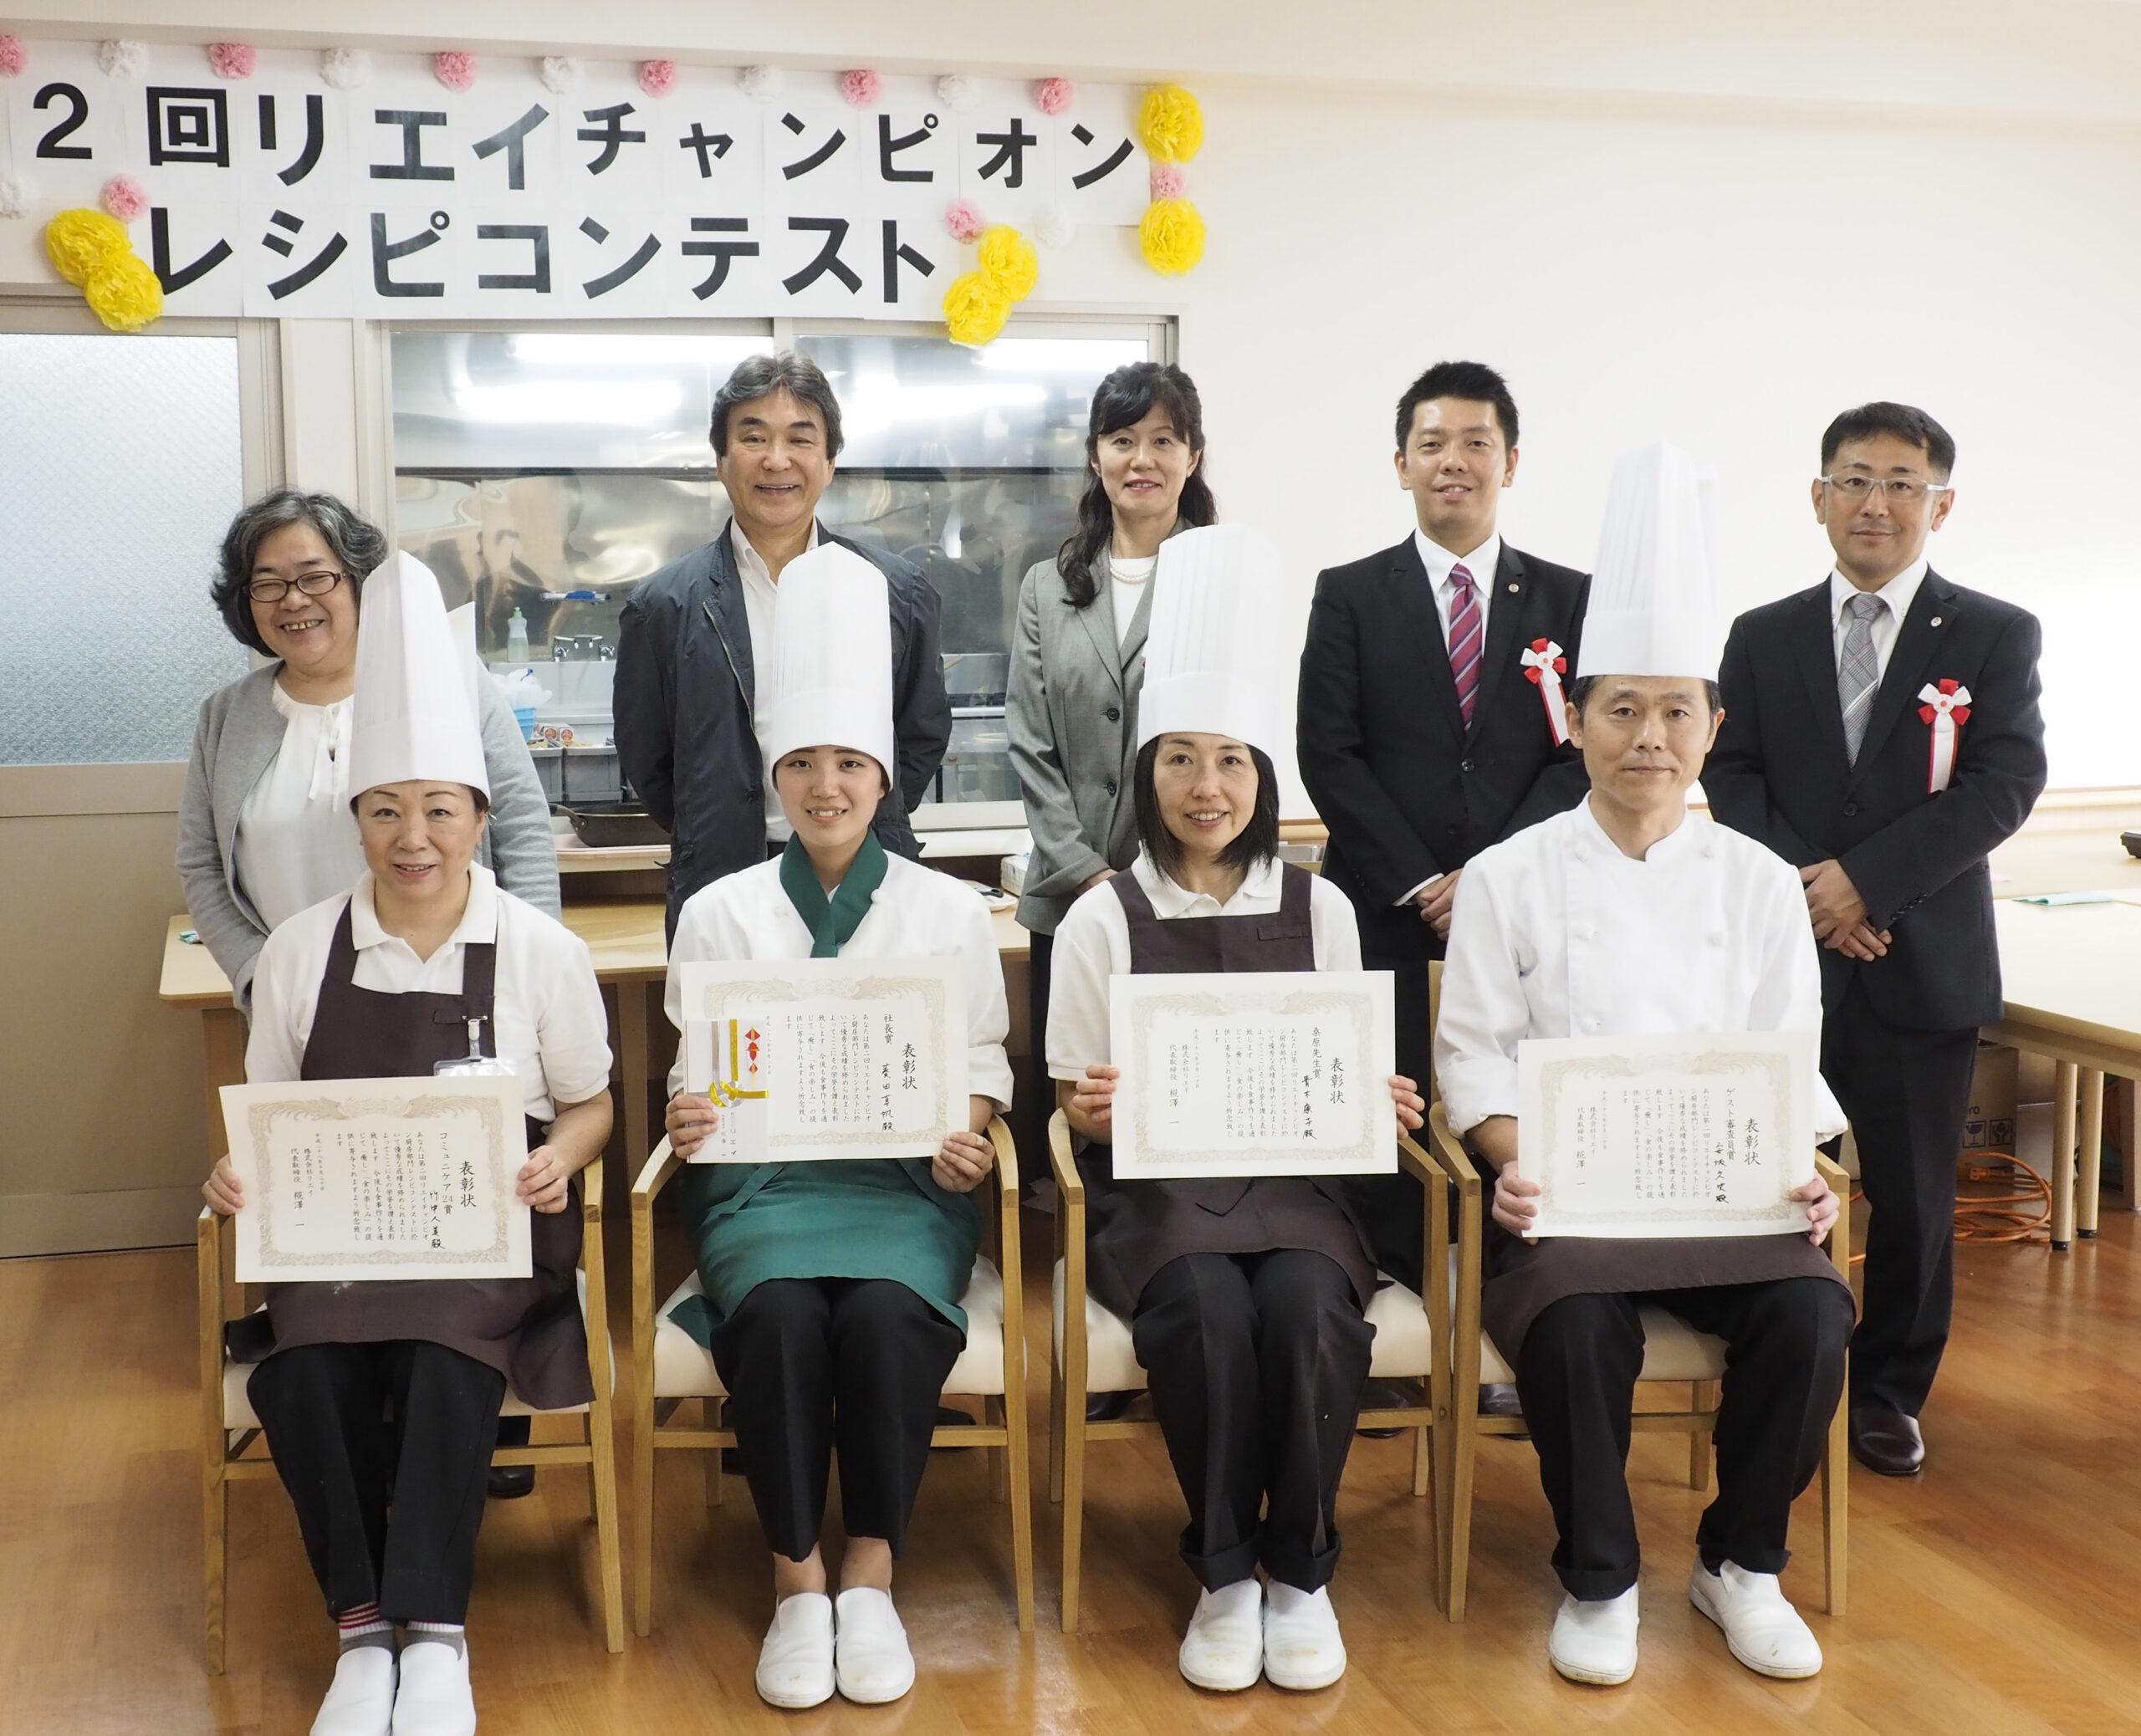 第2回 リエイチャンピオン 厨房部門レシピコンテスト 結果発表